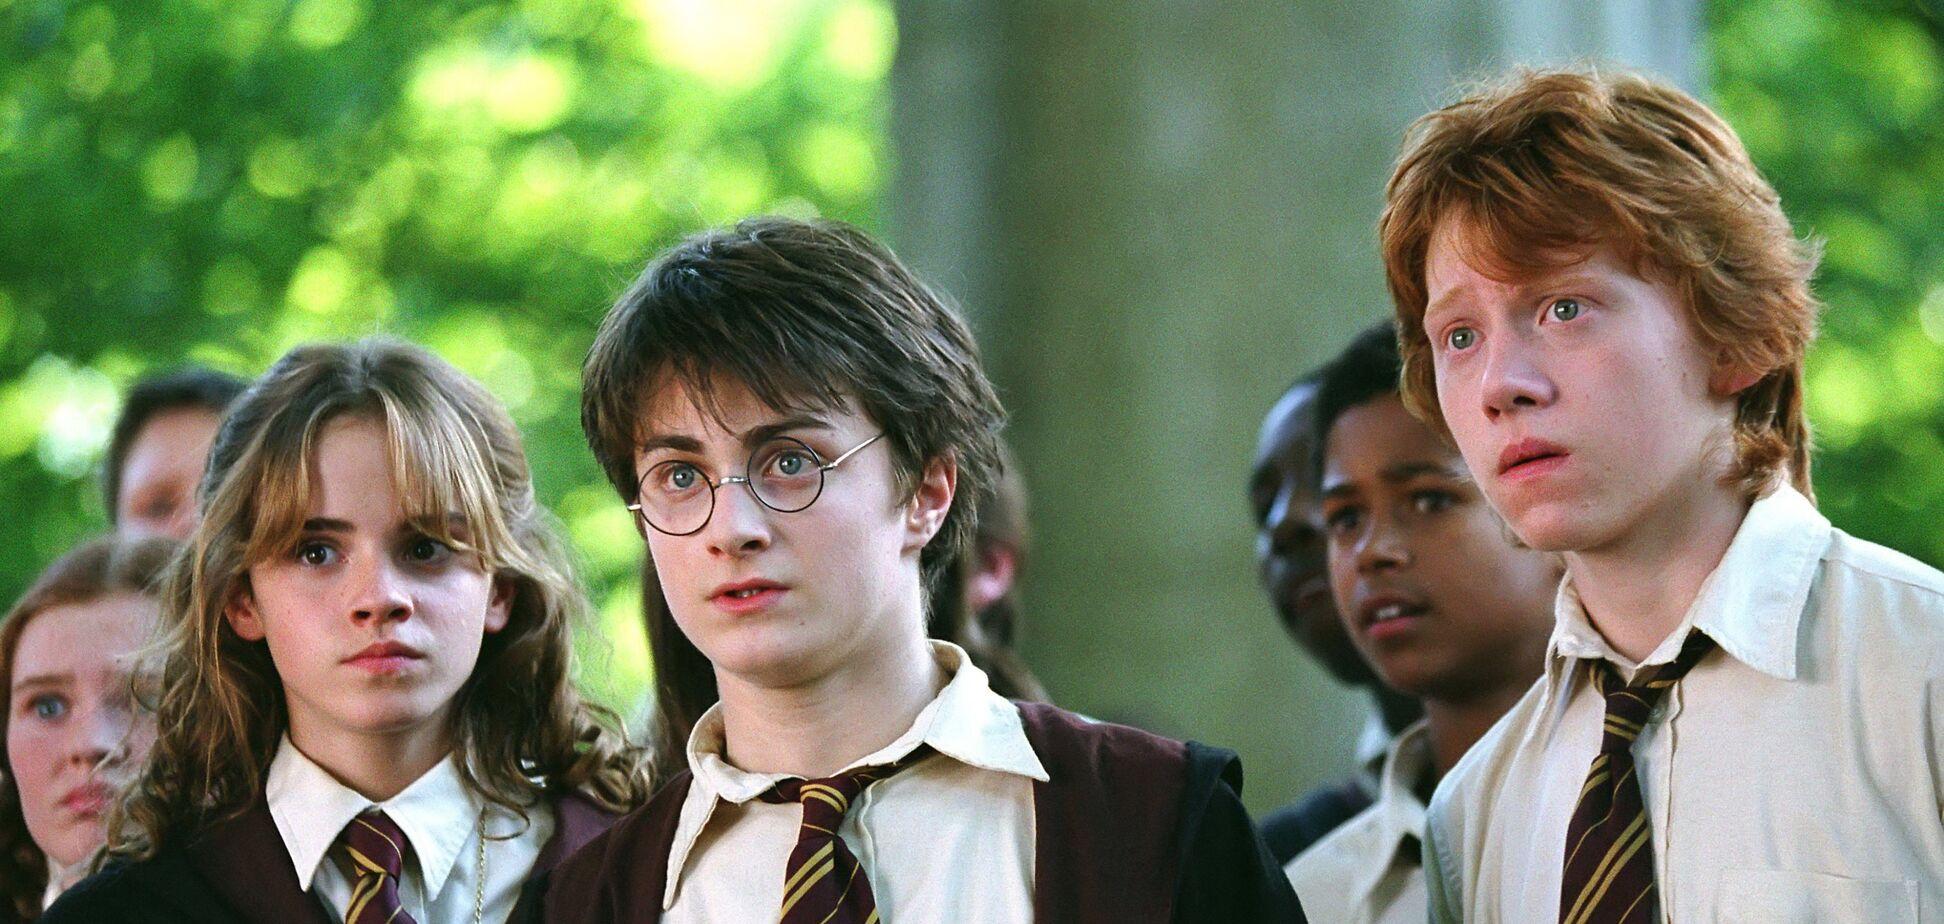 На основі романів про Гаррі Поттера було знято серію фільмів